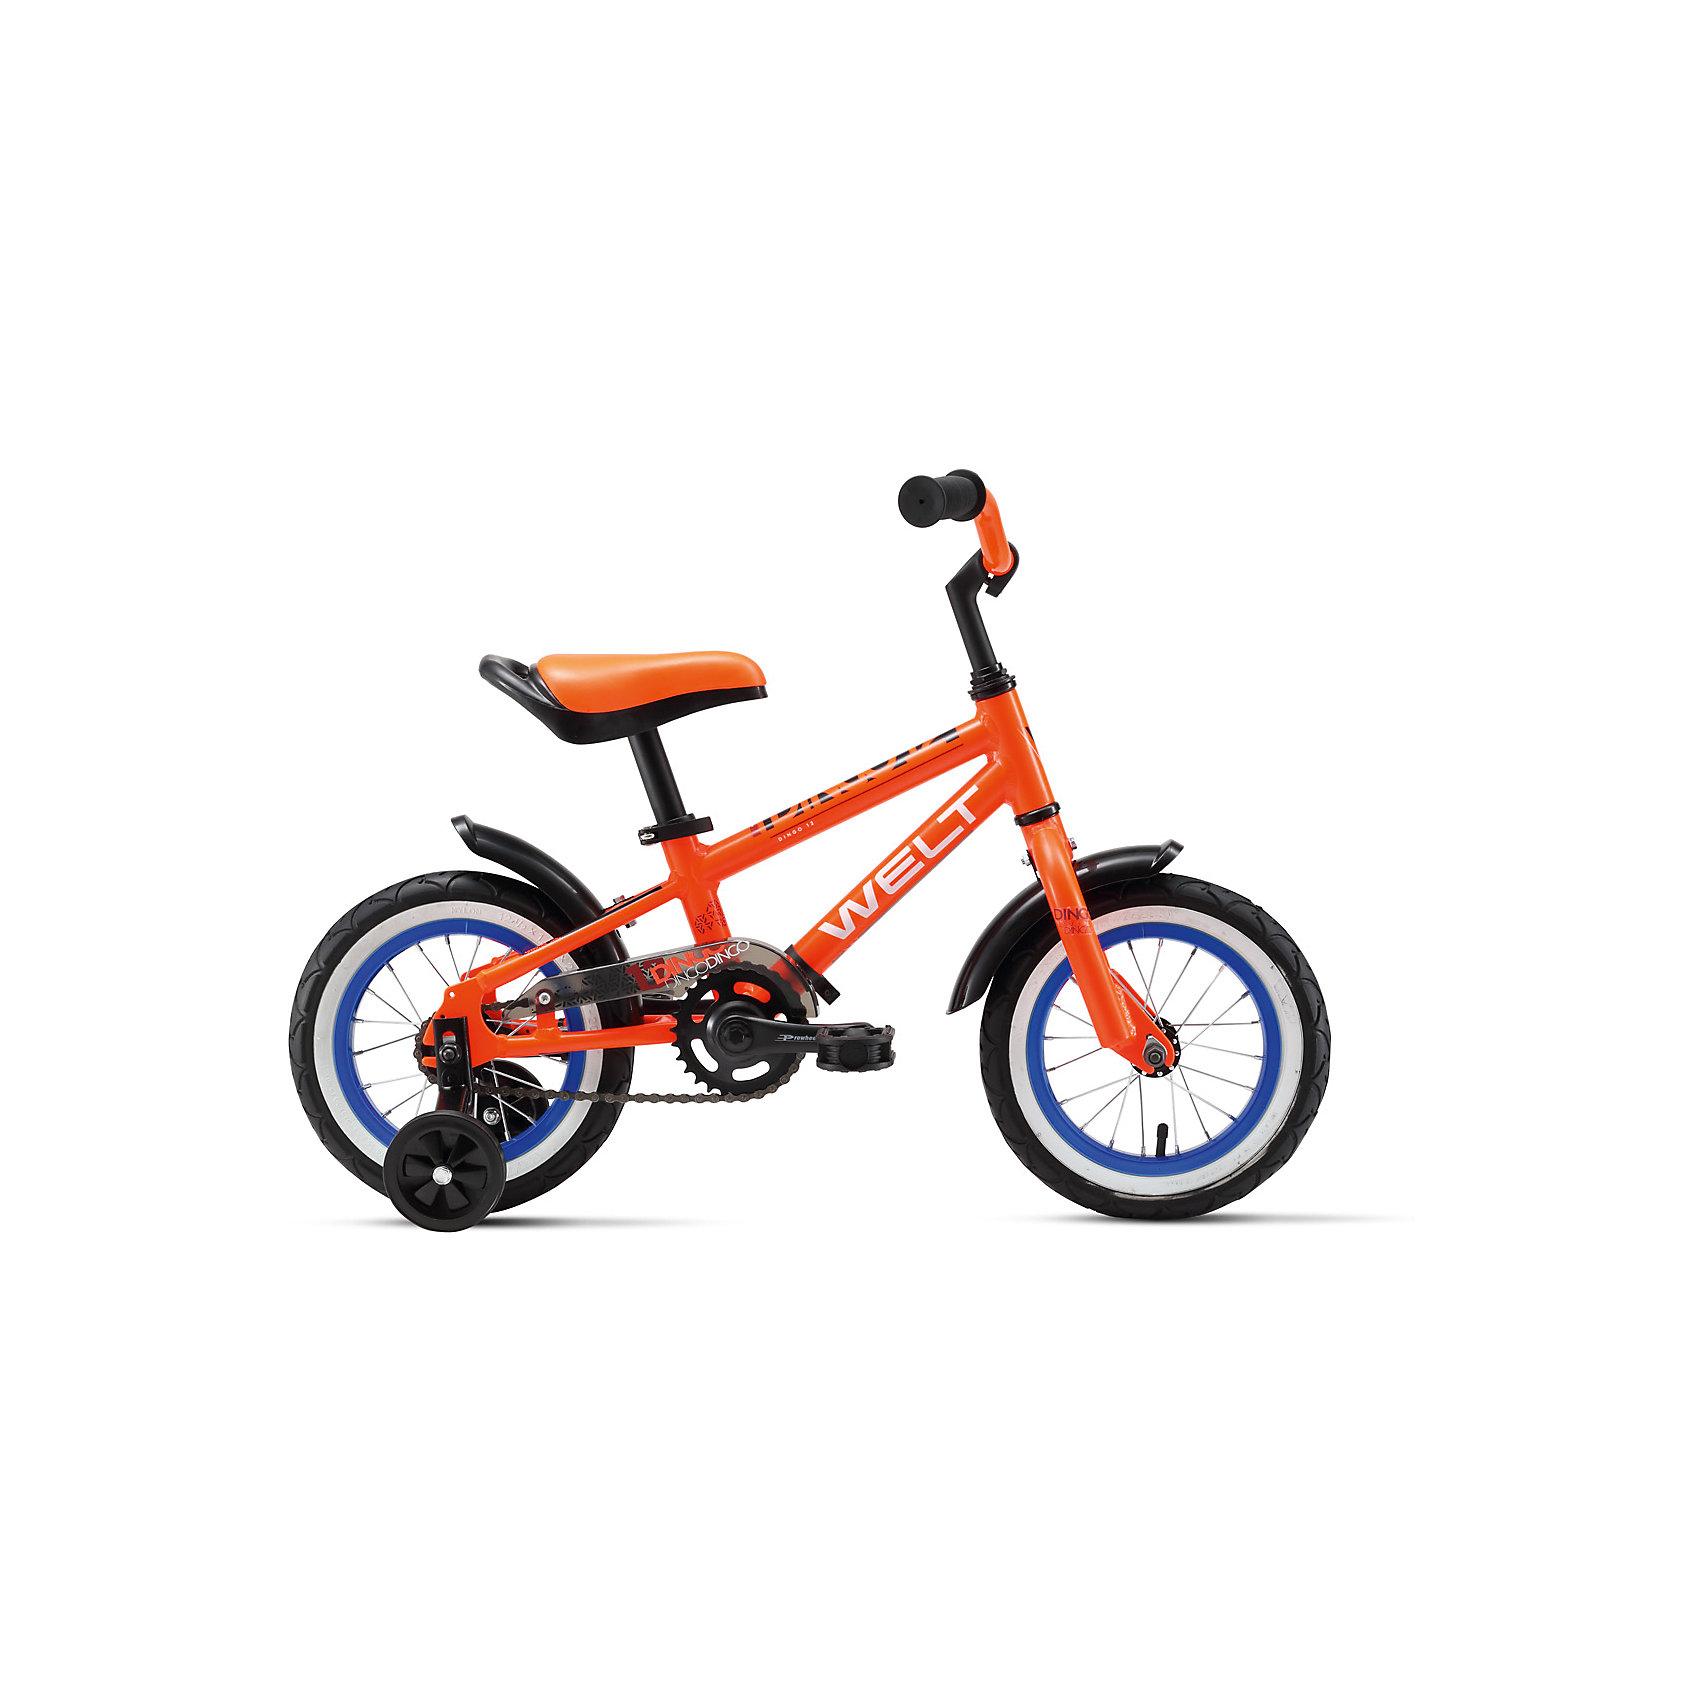 Велосипед  Dingo 12, оранжево-черно-голубой, WeltВелосипеды детские<br>Характеристики товара:<br><br>• цвет: оранжевый, черный, голубой <br>• возраст: от 3 лет<br>• рама: Alloy 6061<br>• диаметр колес: 12<br>• 1 скорость<br>• вилка: Rigid (жесткая)<br>• тормоз: coaster (ножной)<br>• система: 3 pcs alloy<br>• кассета: 28T integrated<br>• тип рулевой колонки:  1 резьбовая<br>• покрышки: Wanda 1021 16x2,125. <br>• вес 7,1 кг в сборе /6,5 кг без боковых колес.  <br>• размер: 145х20х80см <br><br>Велосипед  Dingo с облегченной рамой и боковые колеса в комплекте можно купить в нашем интернет-магазине.<br><br>Ширина мм: 1450<br>Глубина мм: 200<br>Высота мм: 800<br>Вес г: 16500<br>Возраст от месяцев: 48<br>Возраст до месяцев: 2147483647<br>Пол: Унисекс<br>Возраст: Детский<br>SKU: 5569413